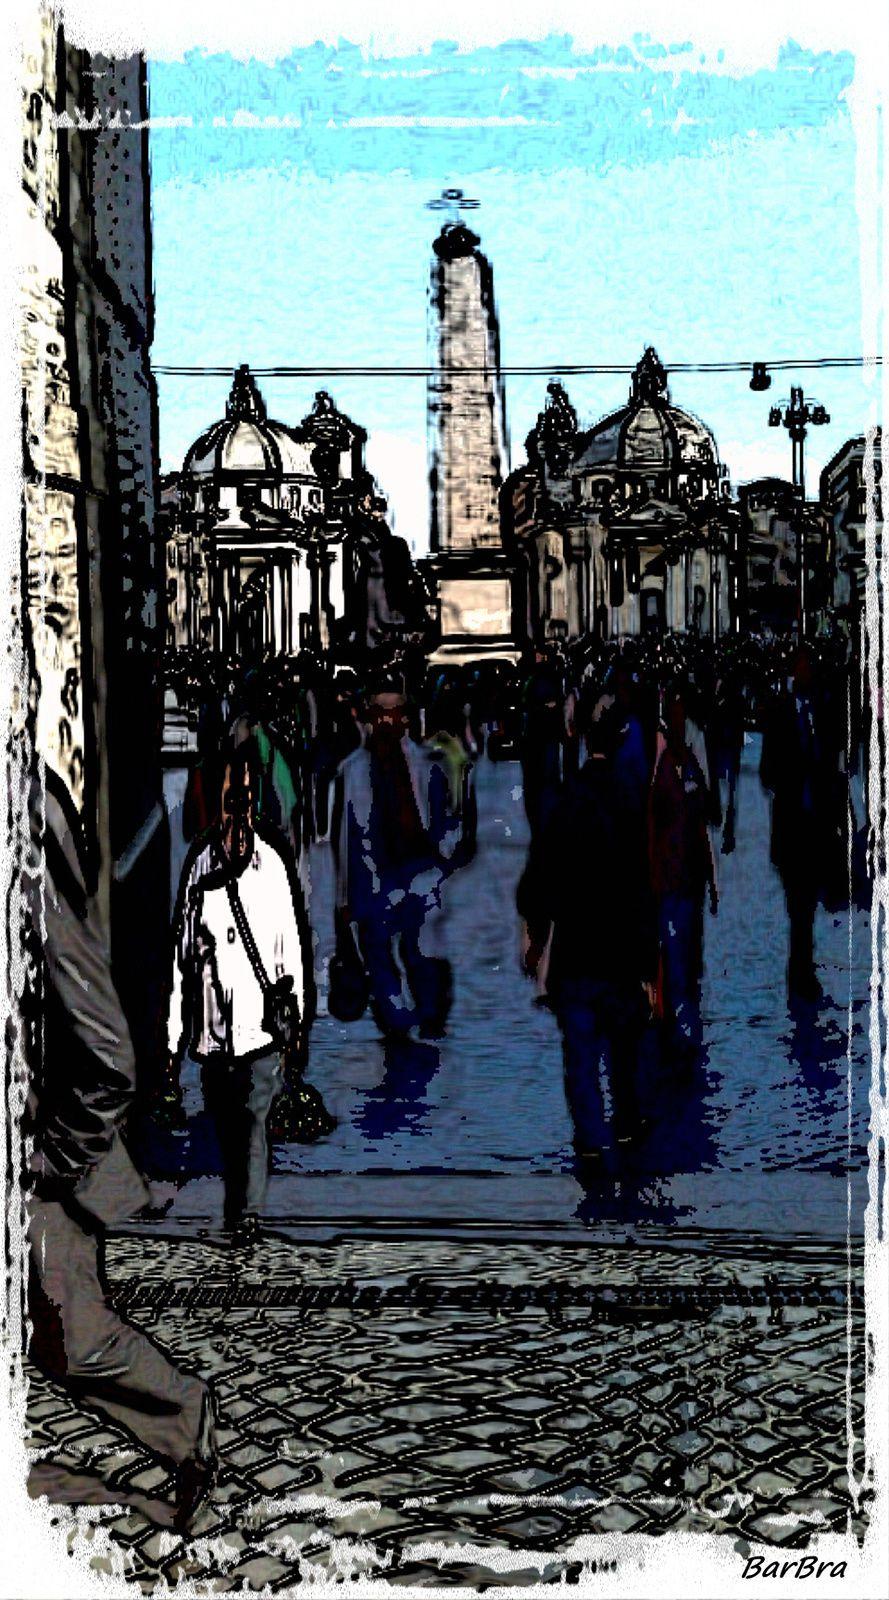 Piazzale Flaminio ... visione distorta